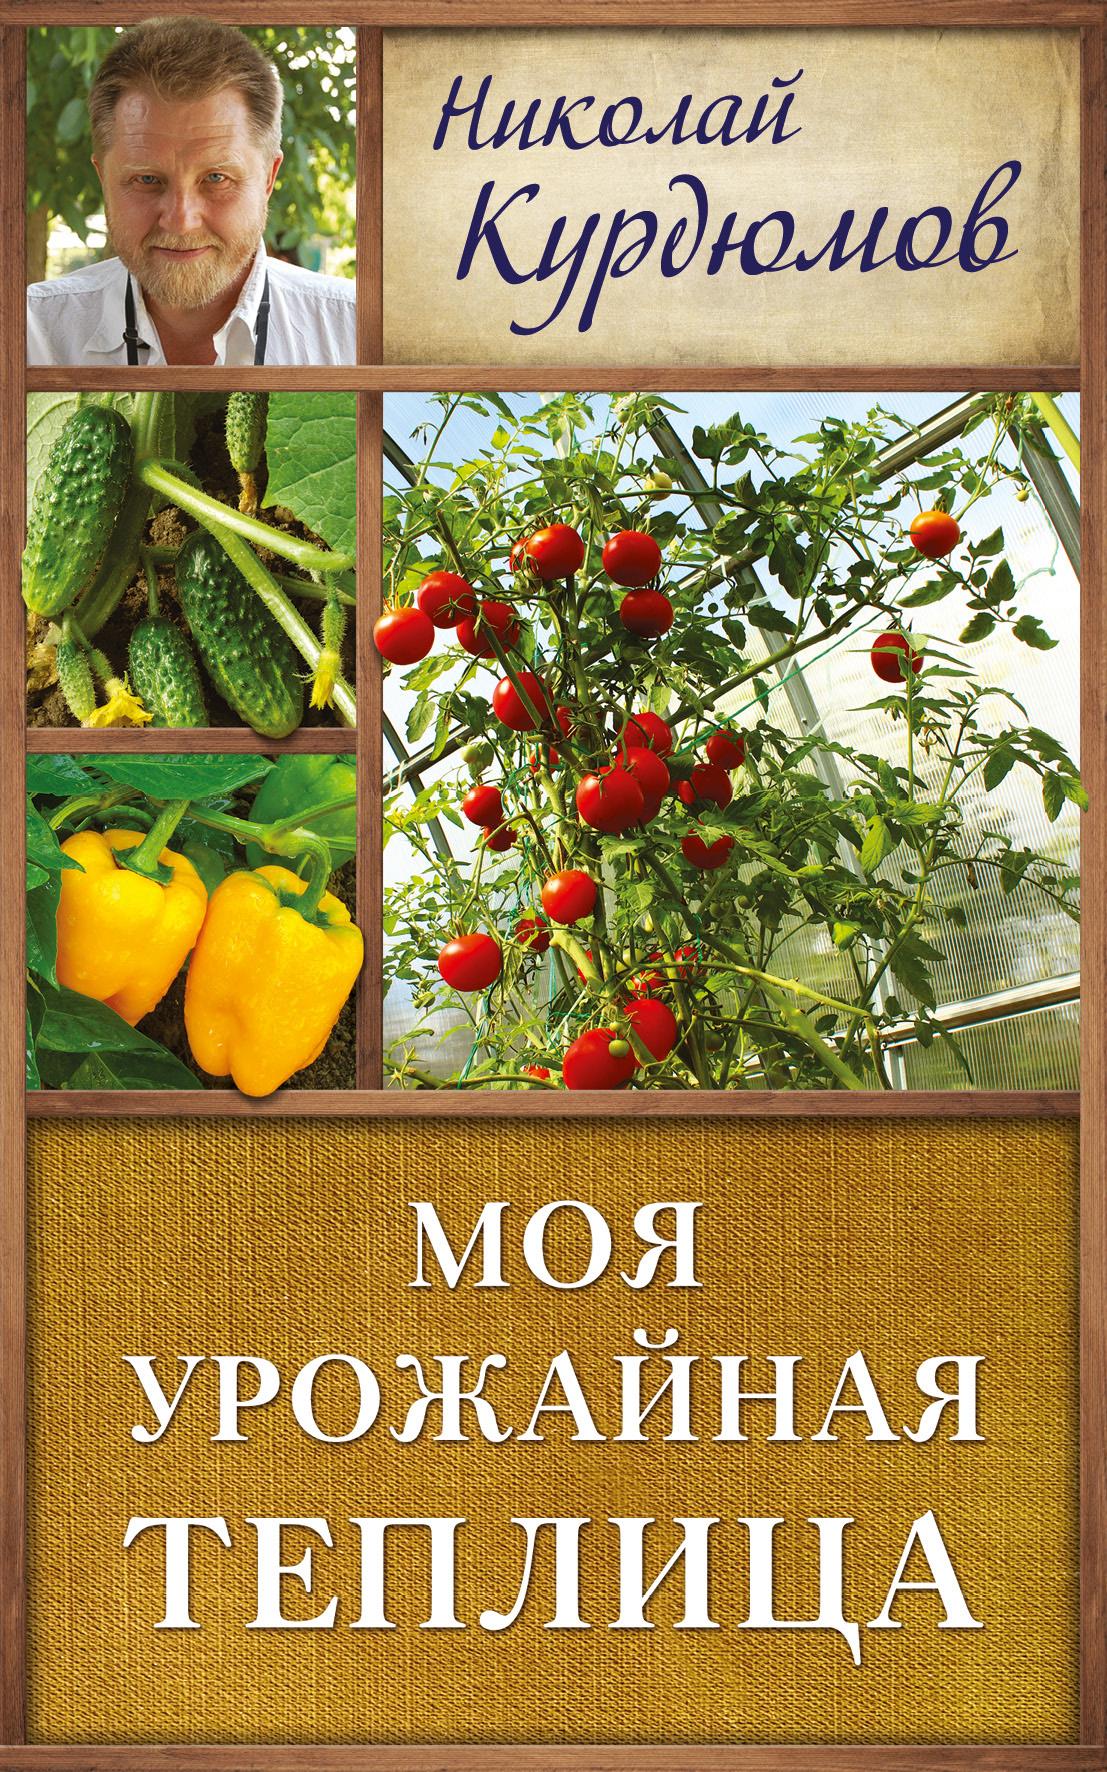 Николай Курдюмов Моя урожайная теплица курдюмов николай иванович курдюмов дачнаяшкола моя урожайная теплица